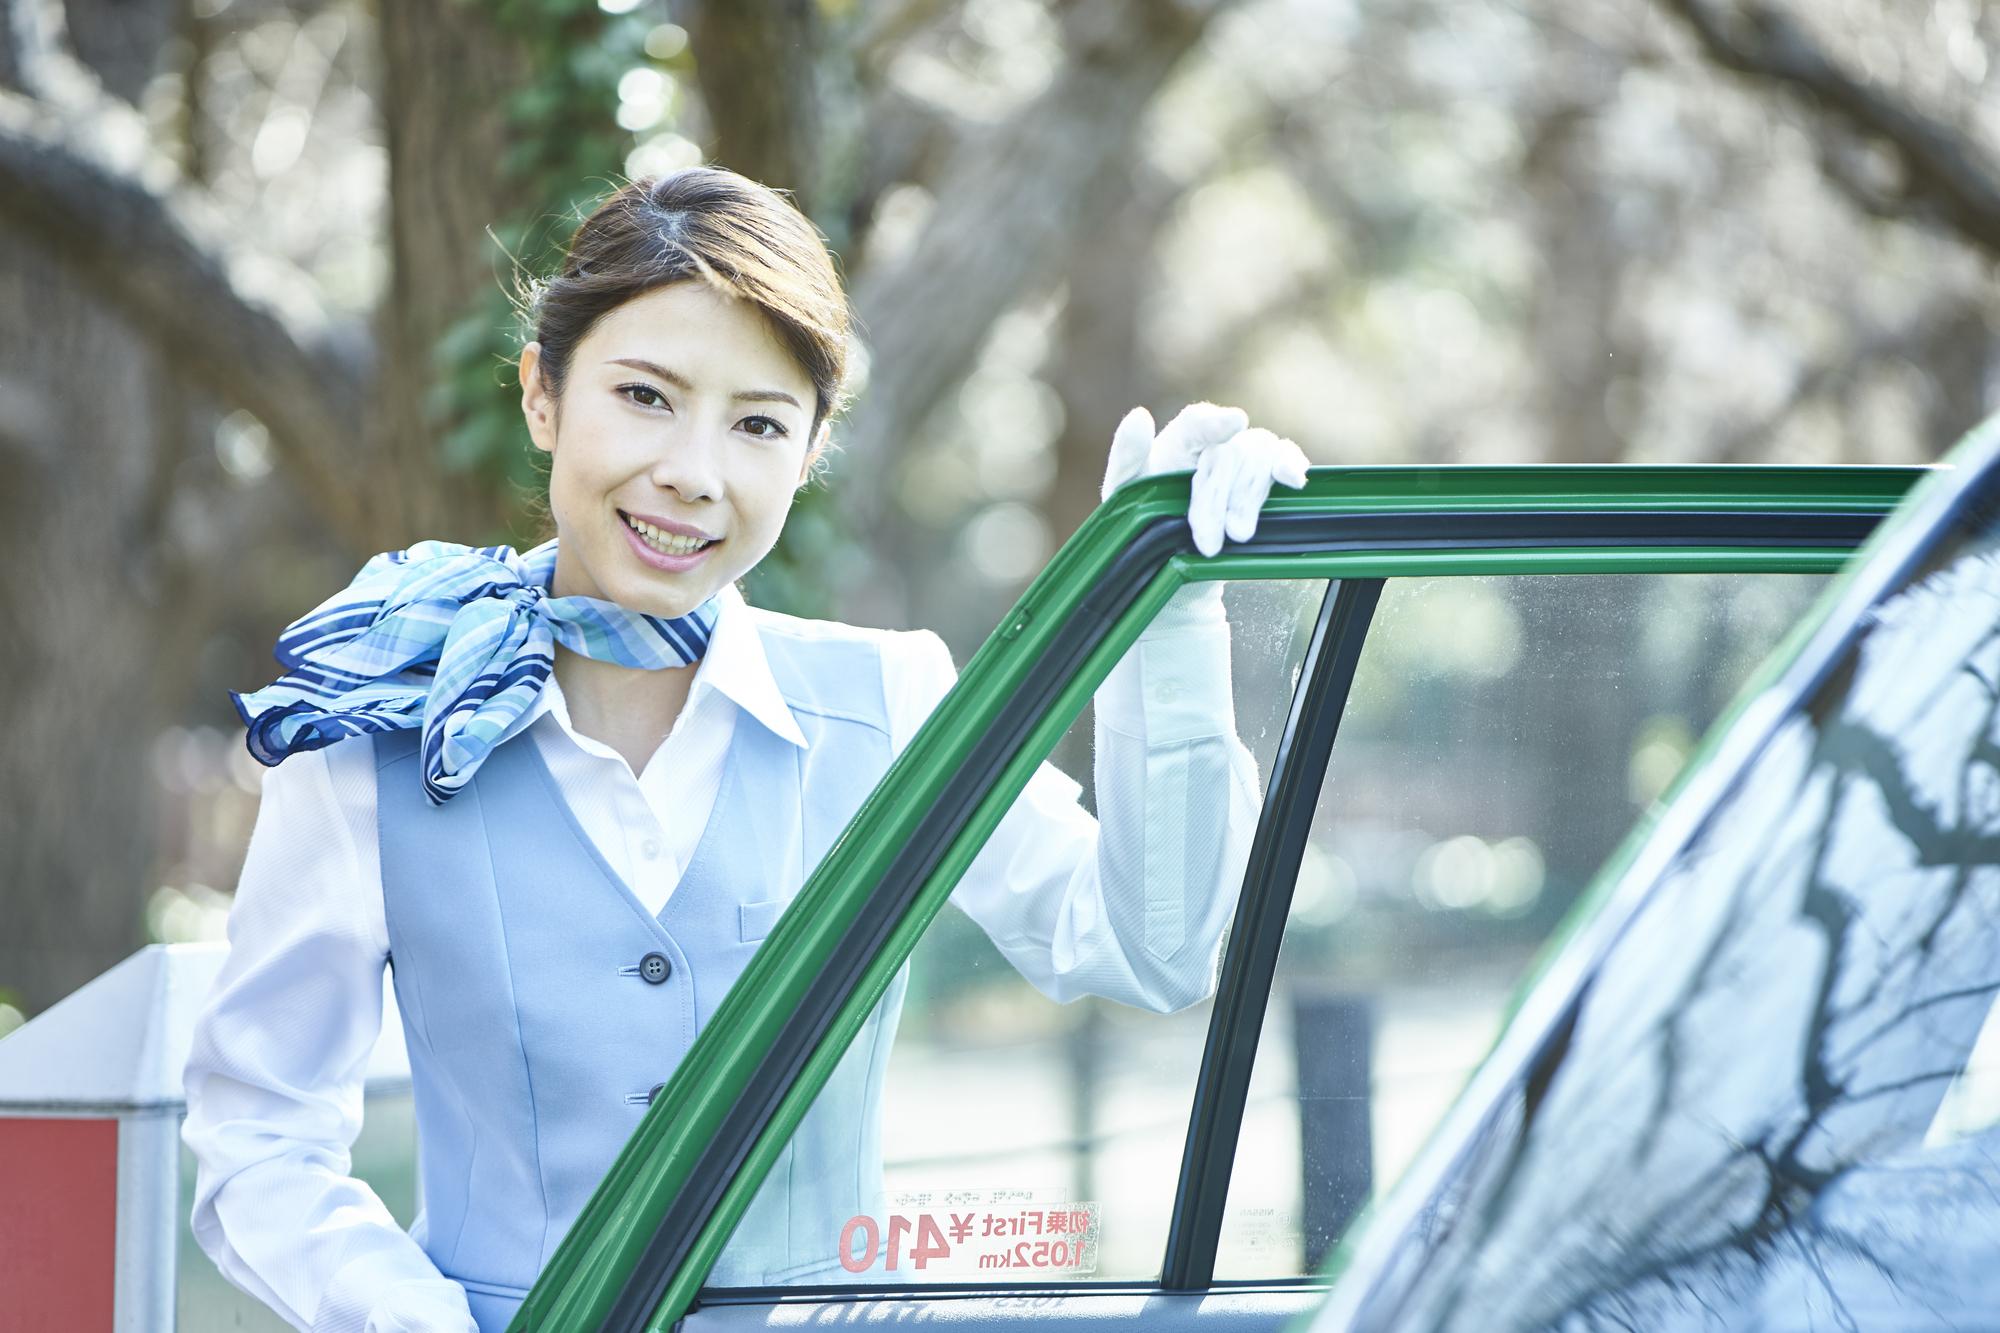 女性のタクシー運転手が増えている理由とは?